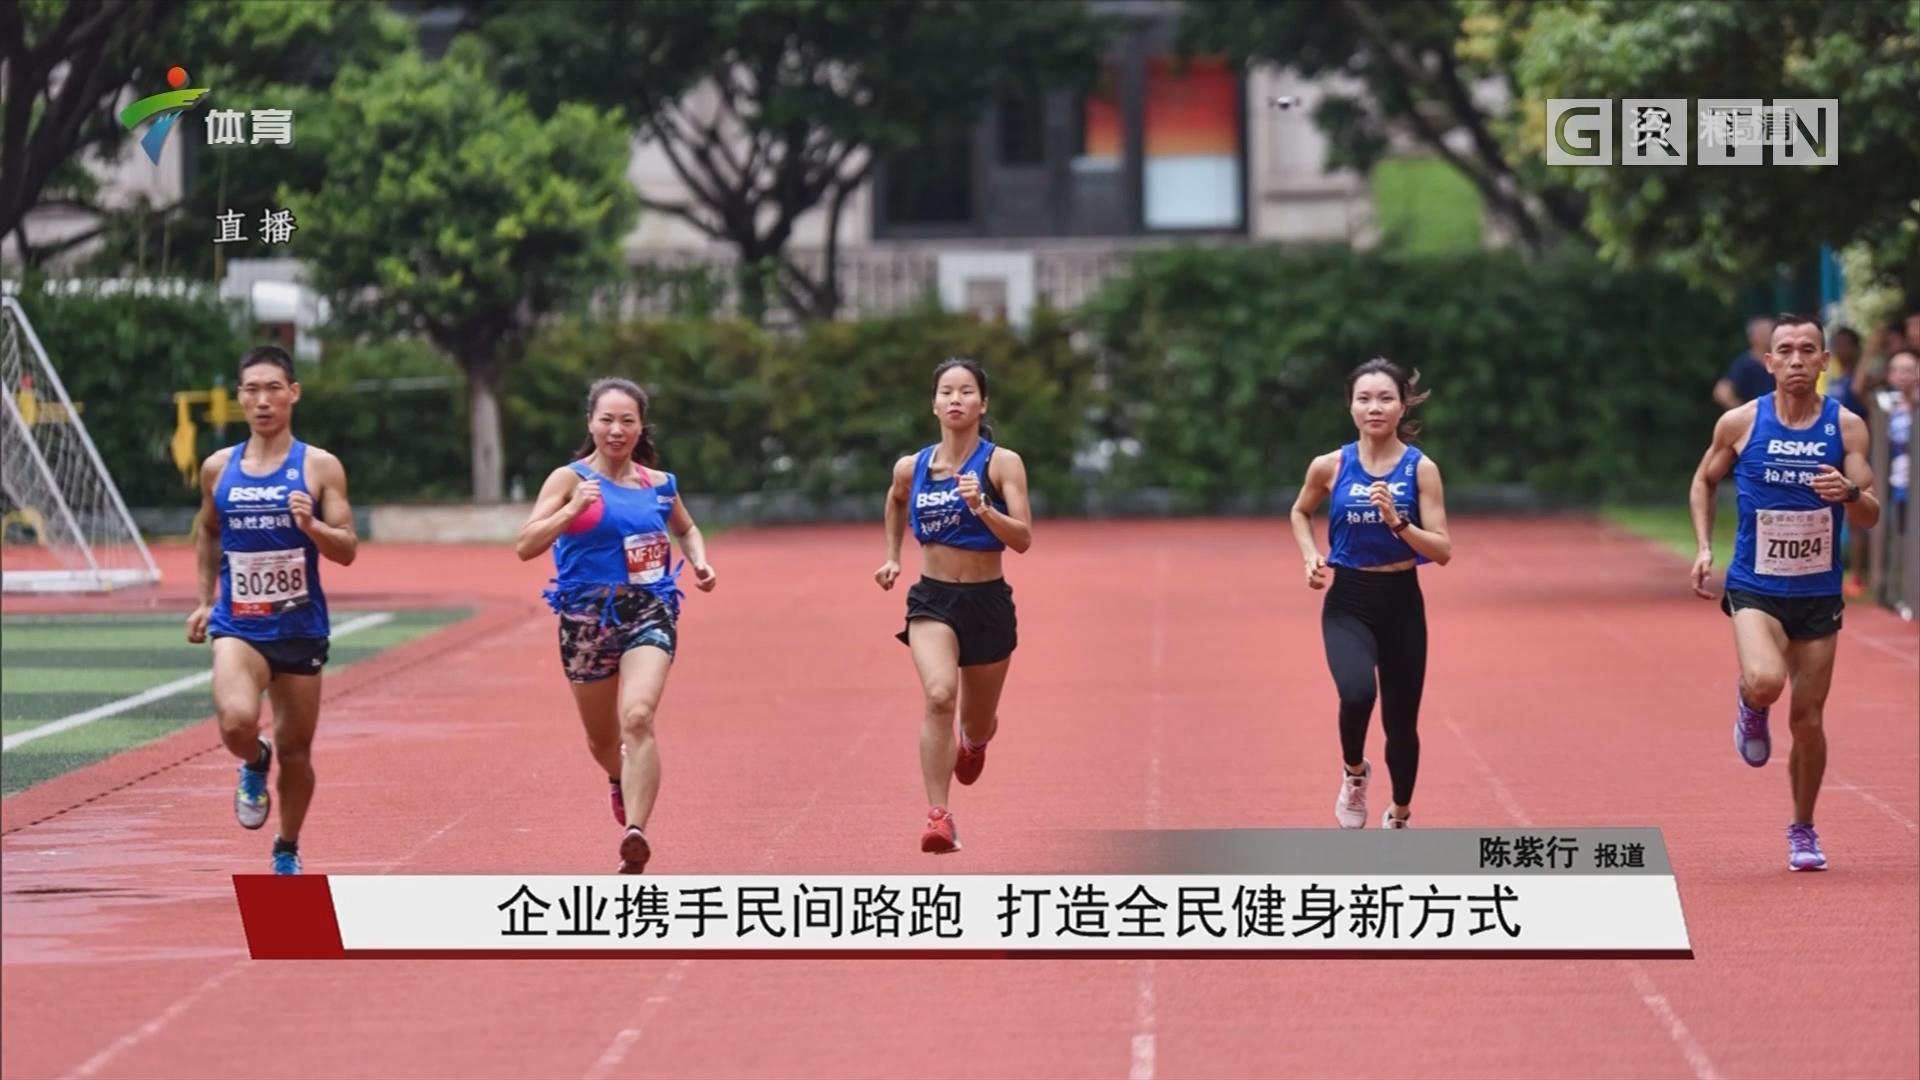 企业携手民间路跑 打造全民健身新方式